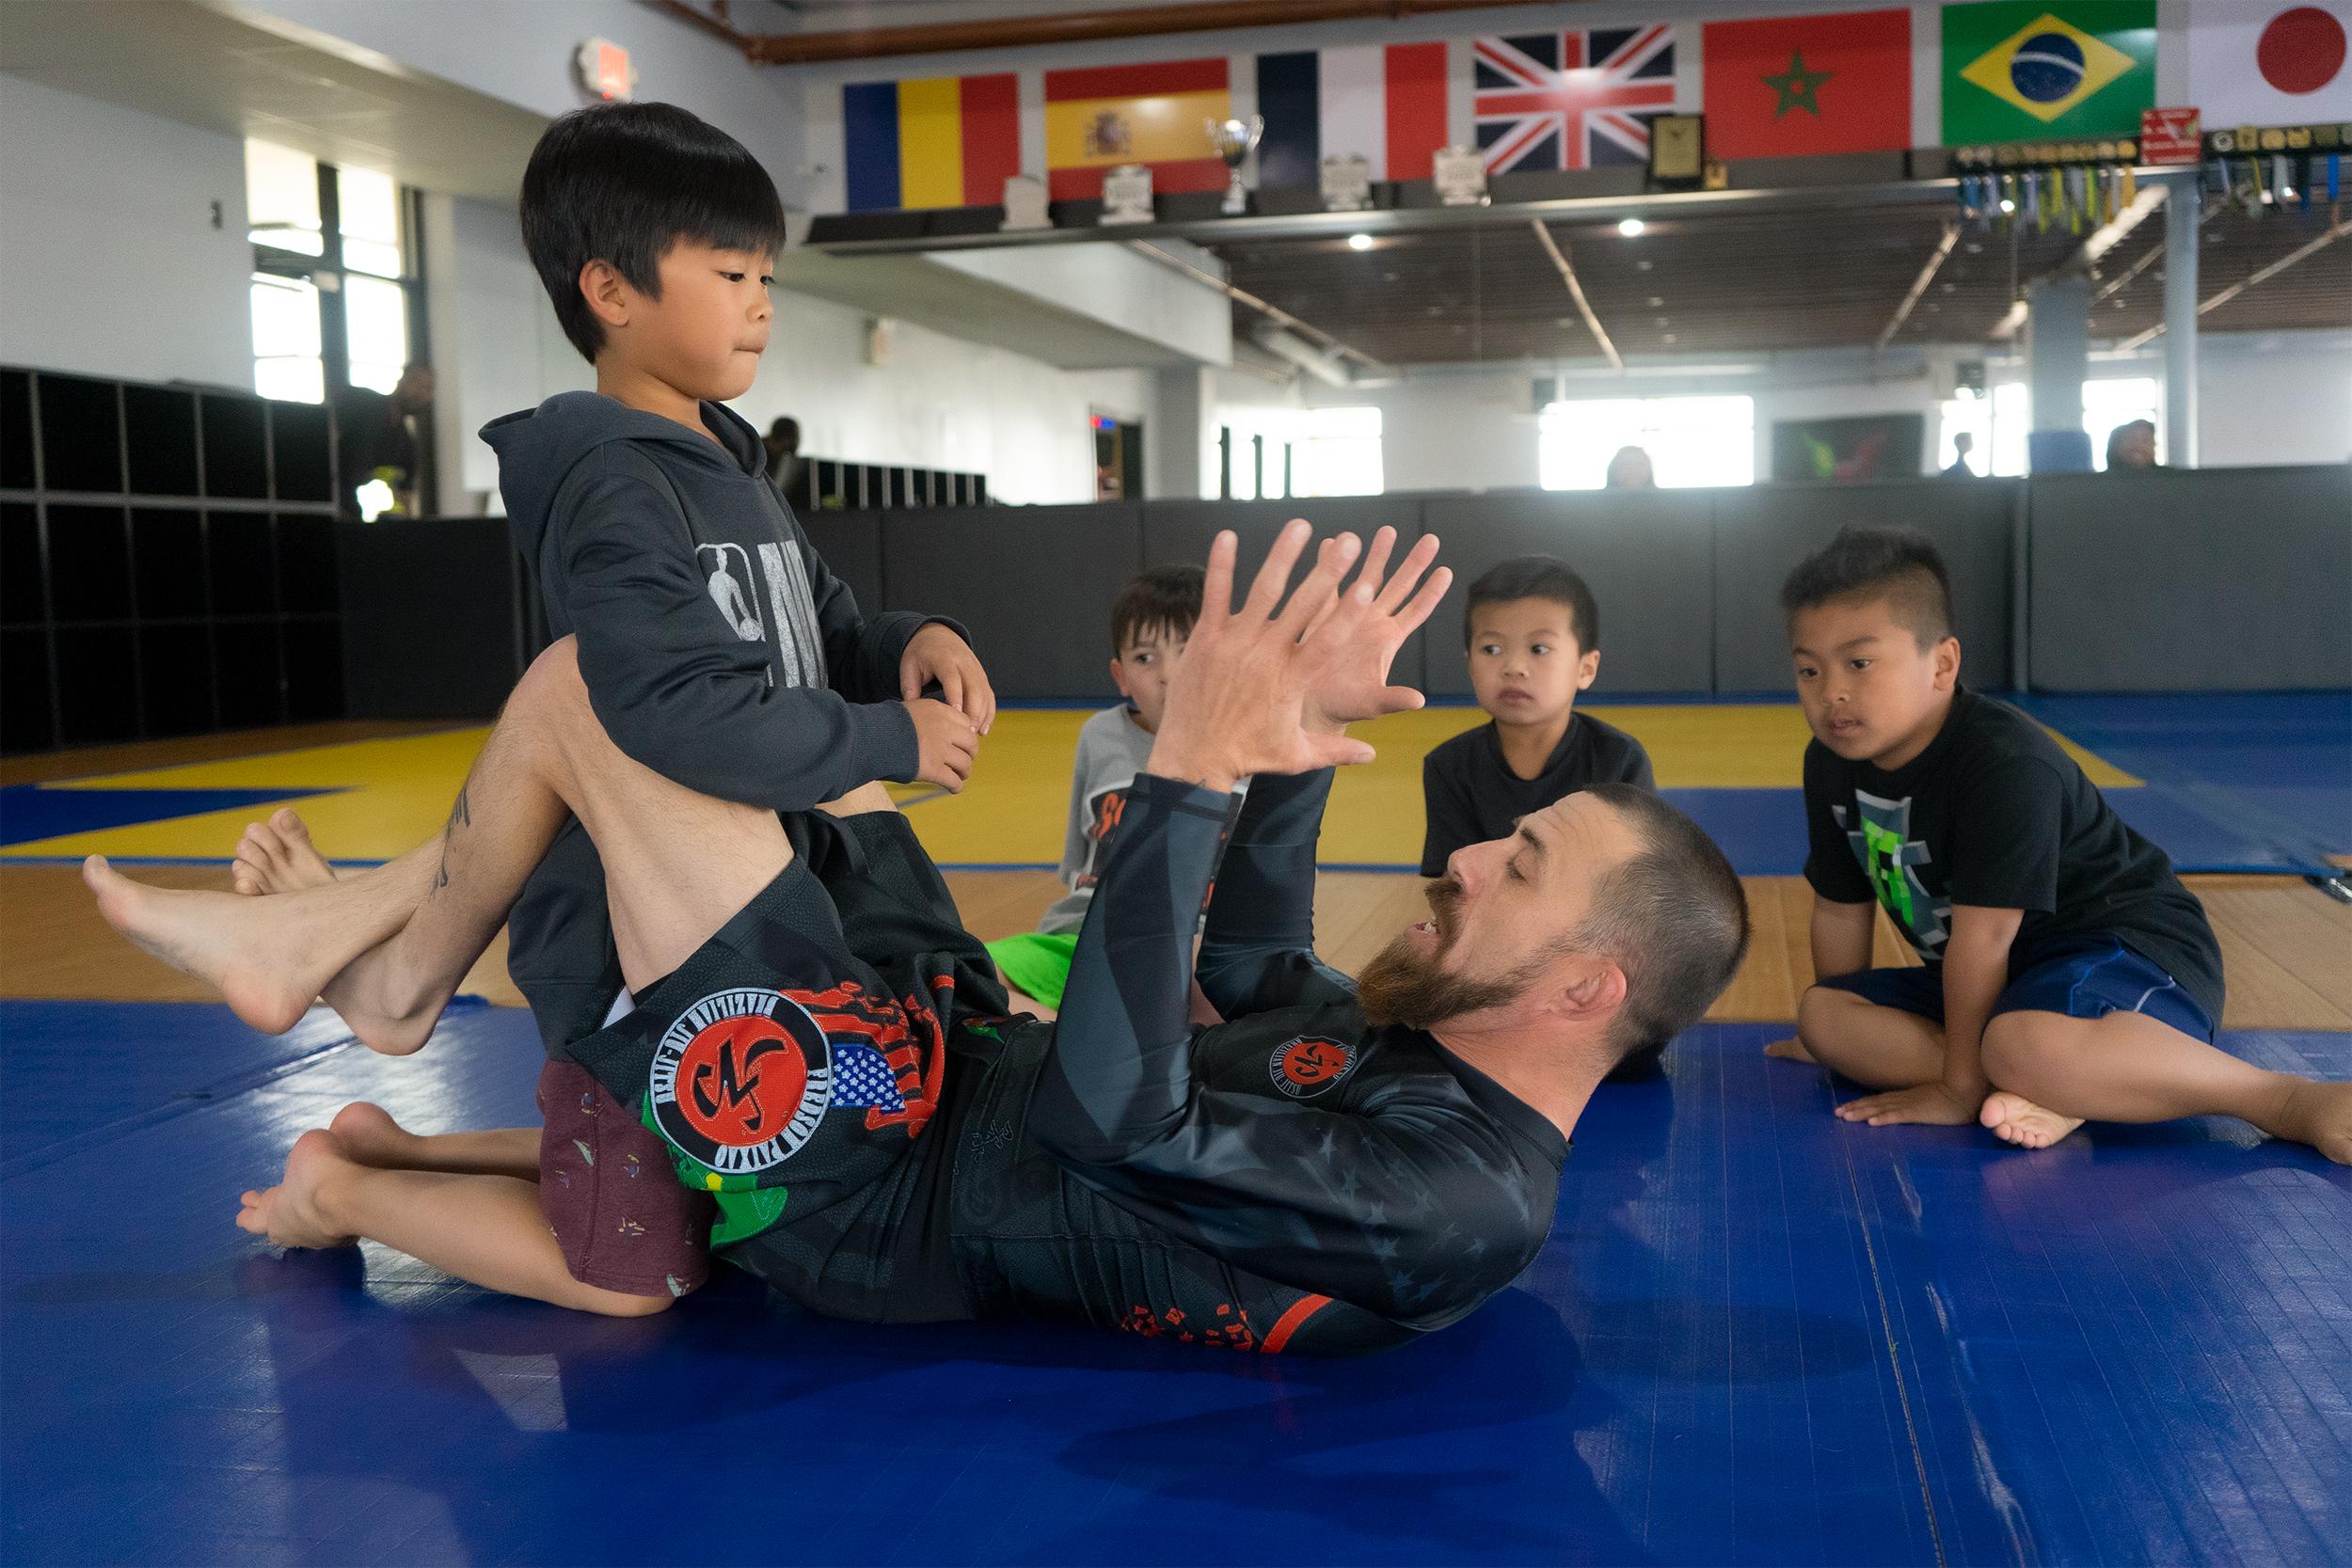 Jiu Jitsu Teacher and Kids.jpg